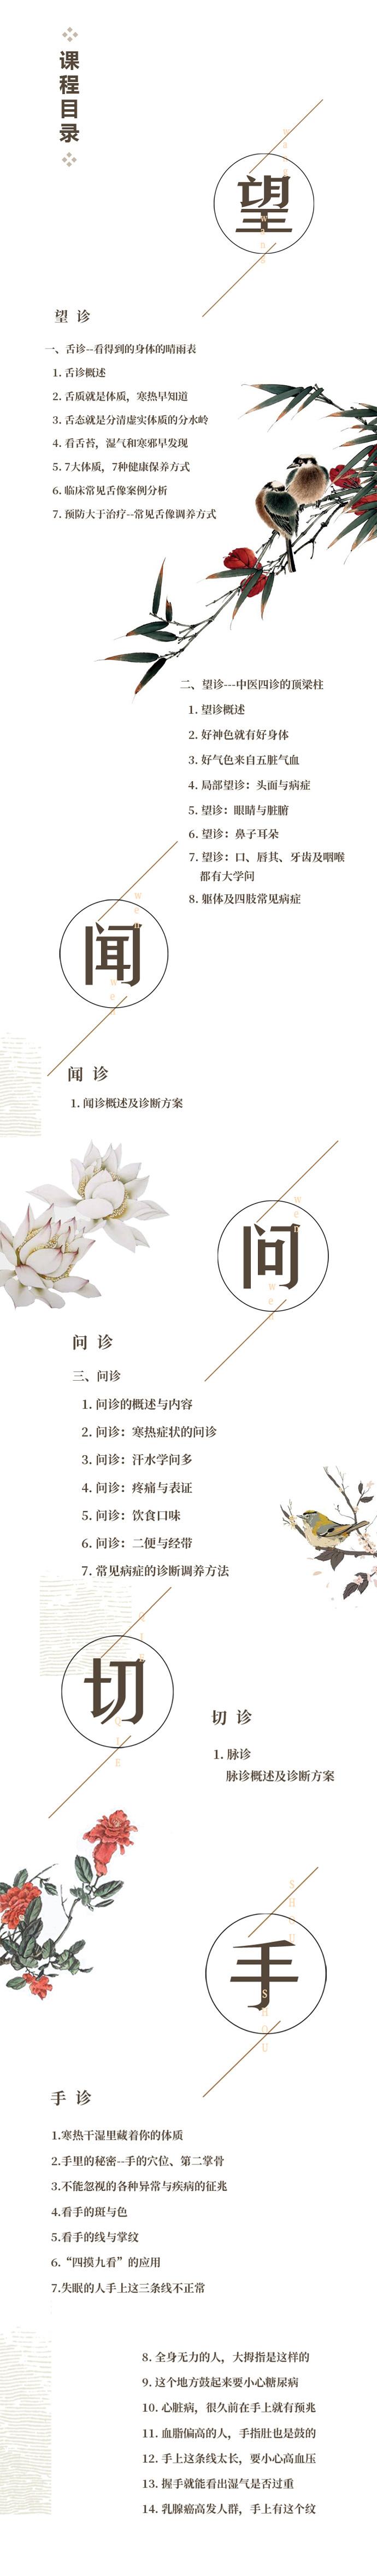 0421-【中医四诊】详情页2(1).jpg